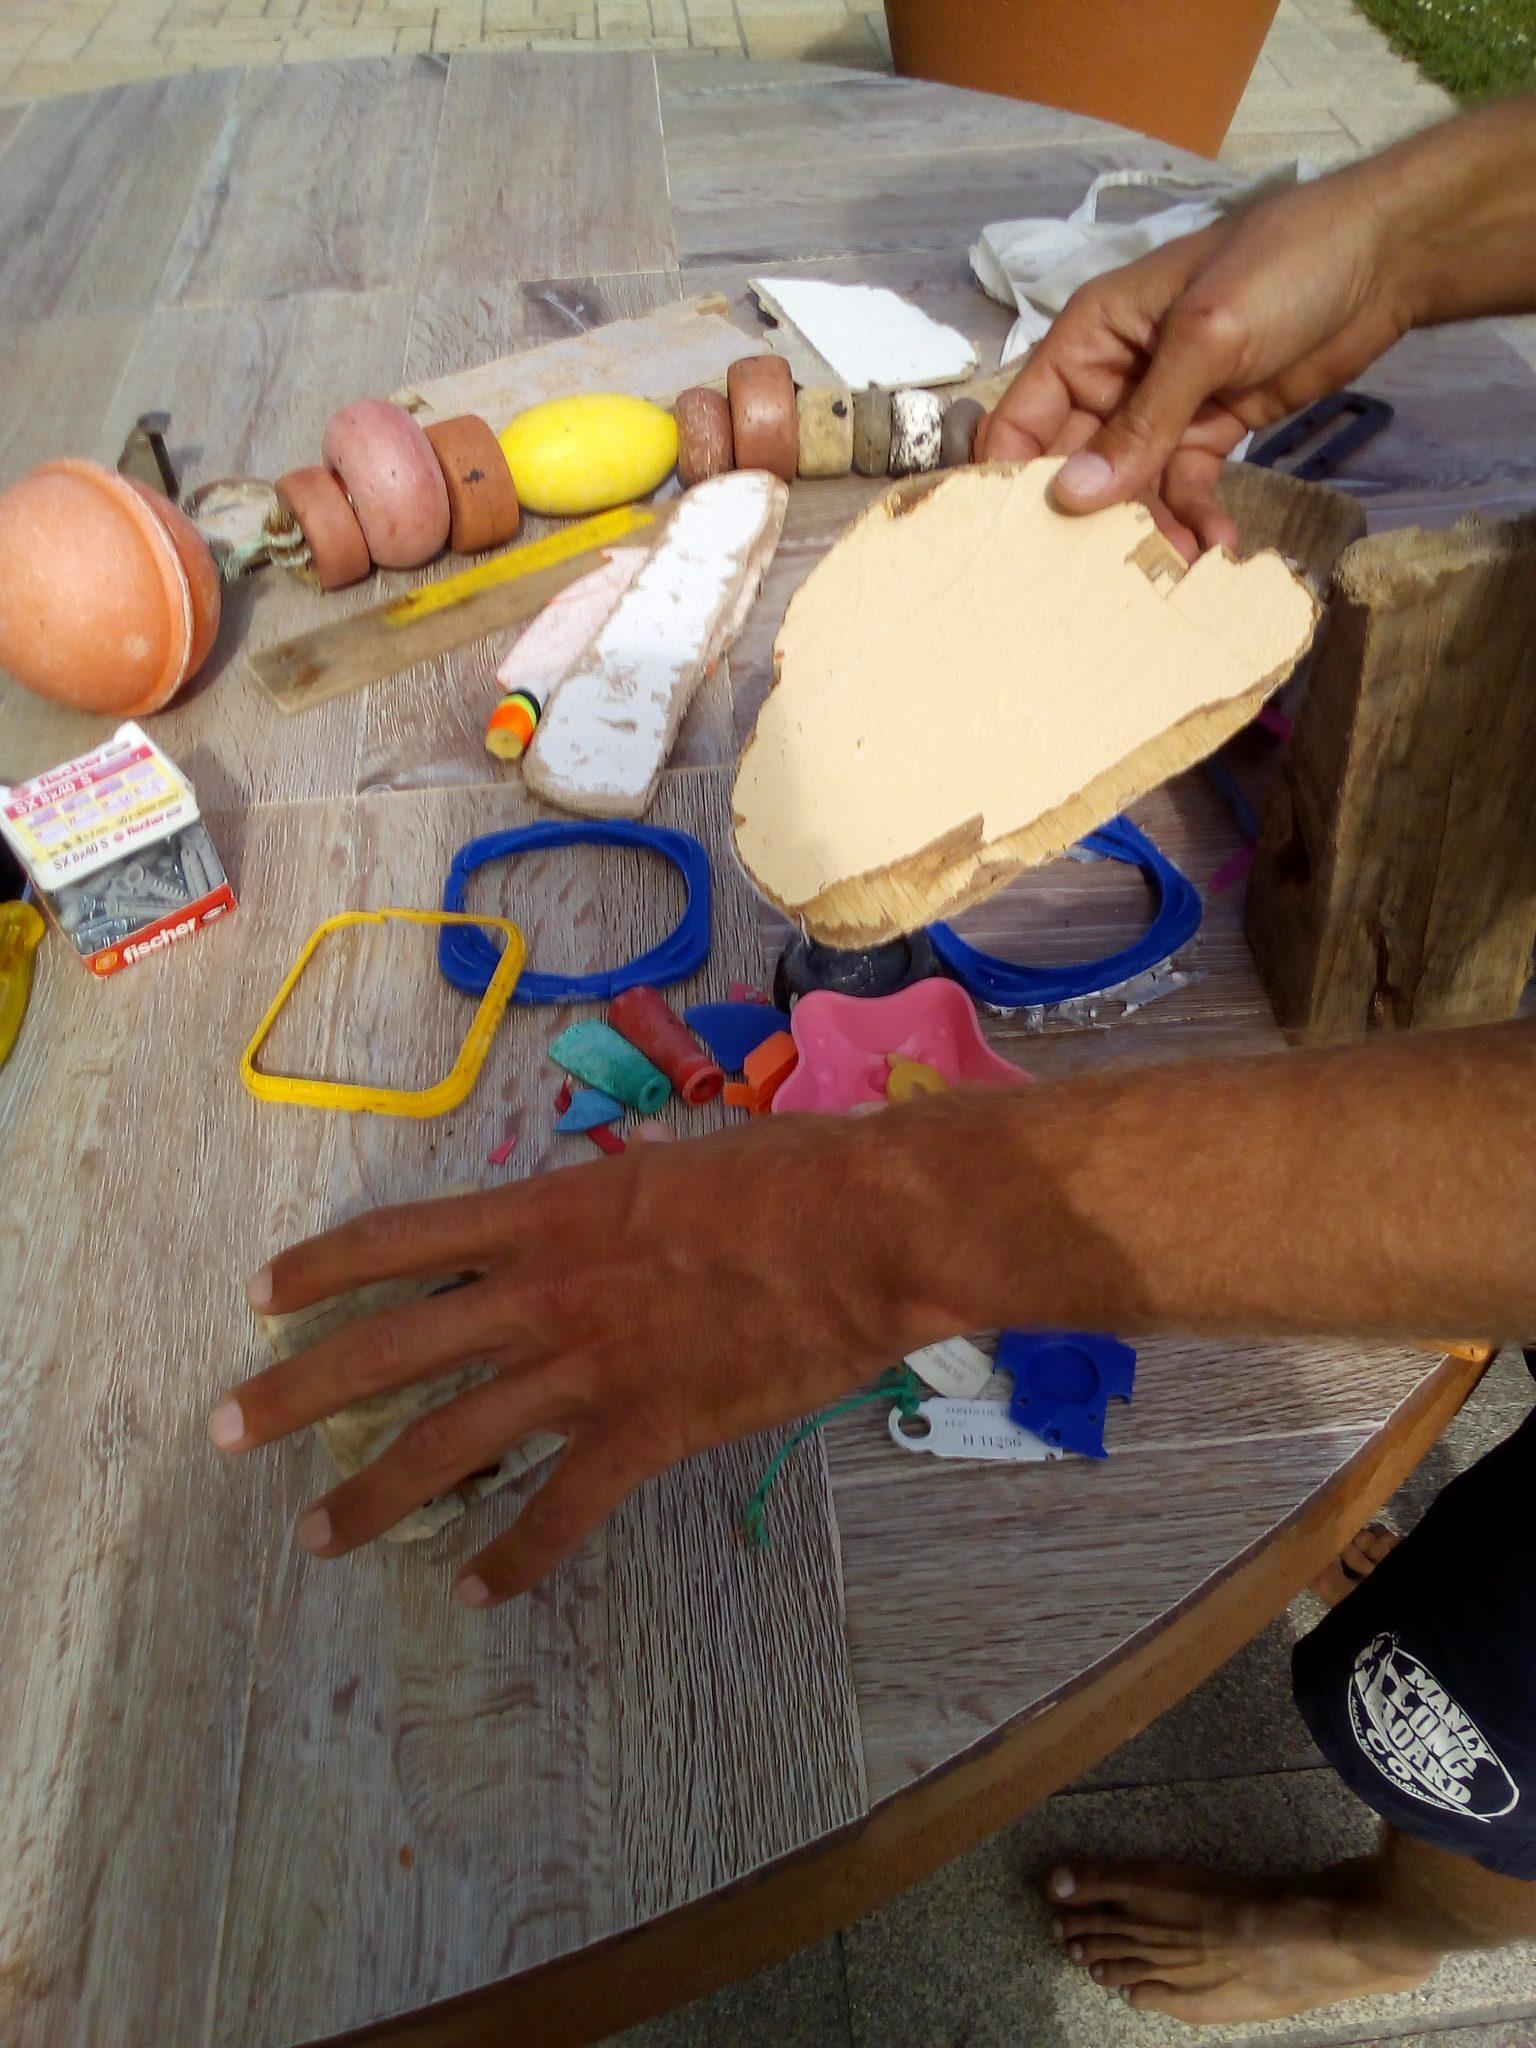 Dann sortiert er Holzplanken und Plastikteile.